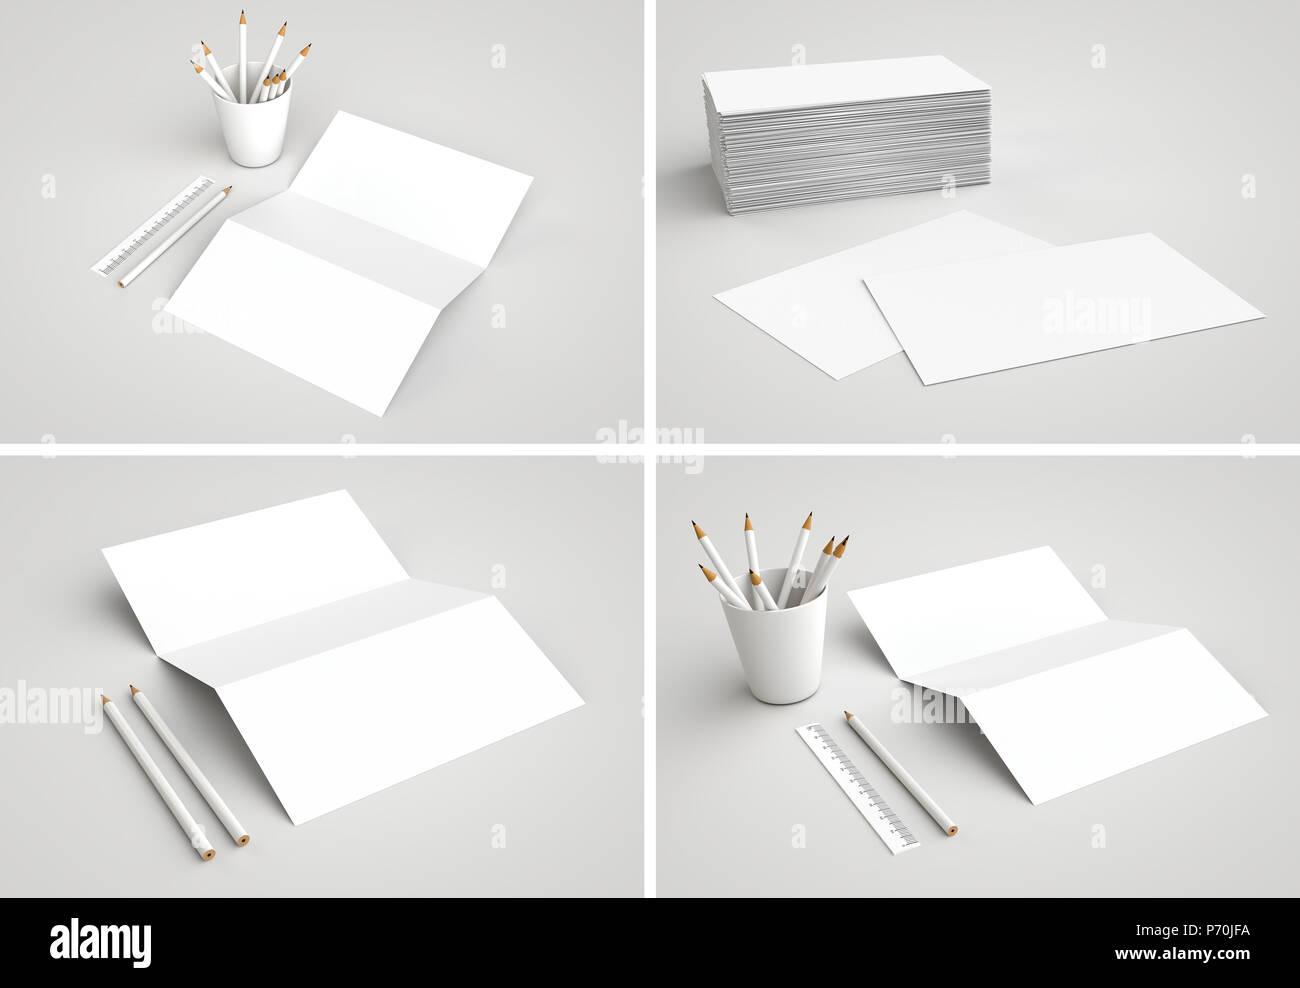 Visitenkartenvorlagen Identität Corporate Design Vorlagen